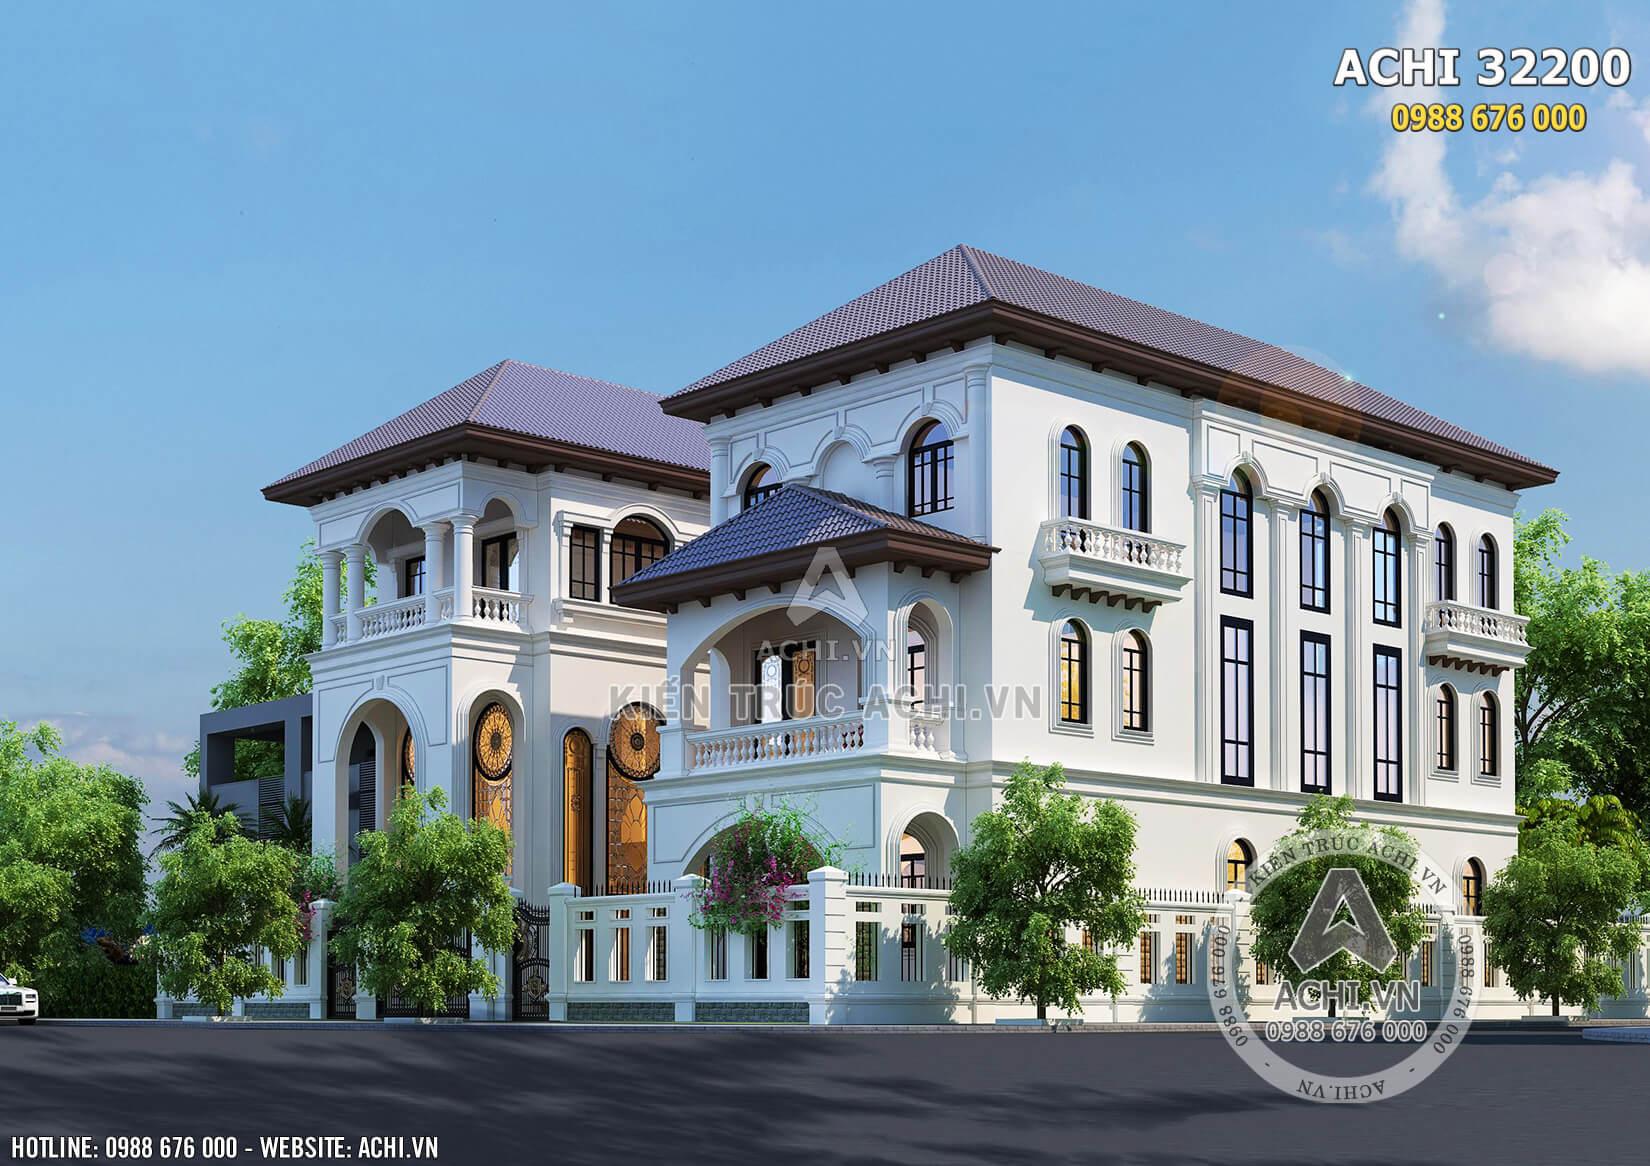 Một góc view mẫu biệt thự song lập đẹp thu hút tại Sài Gòn